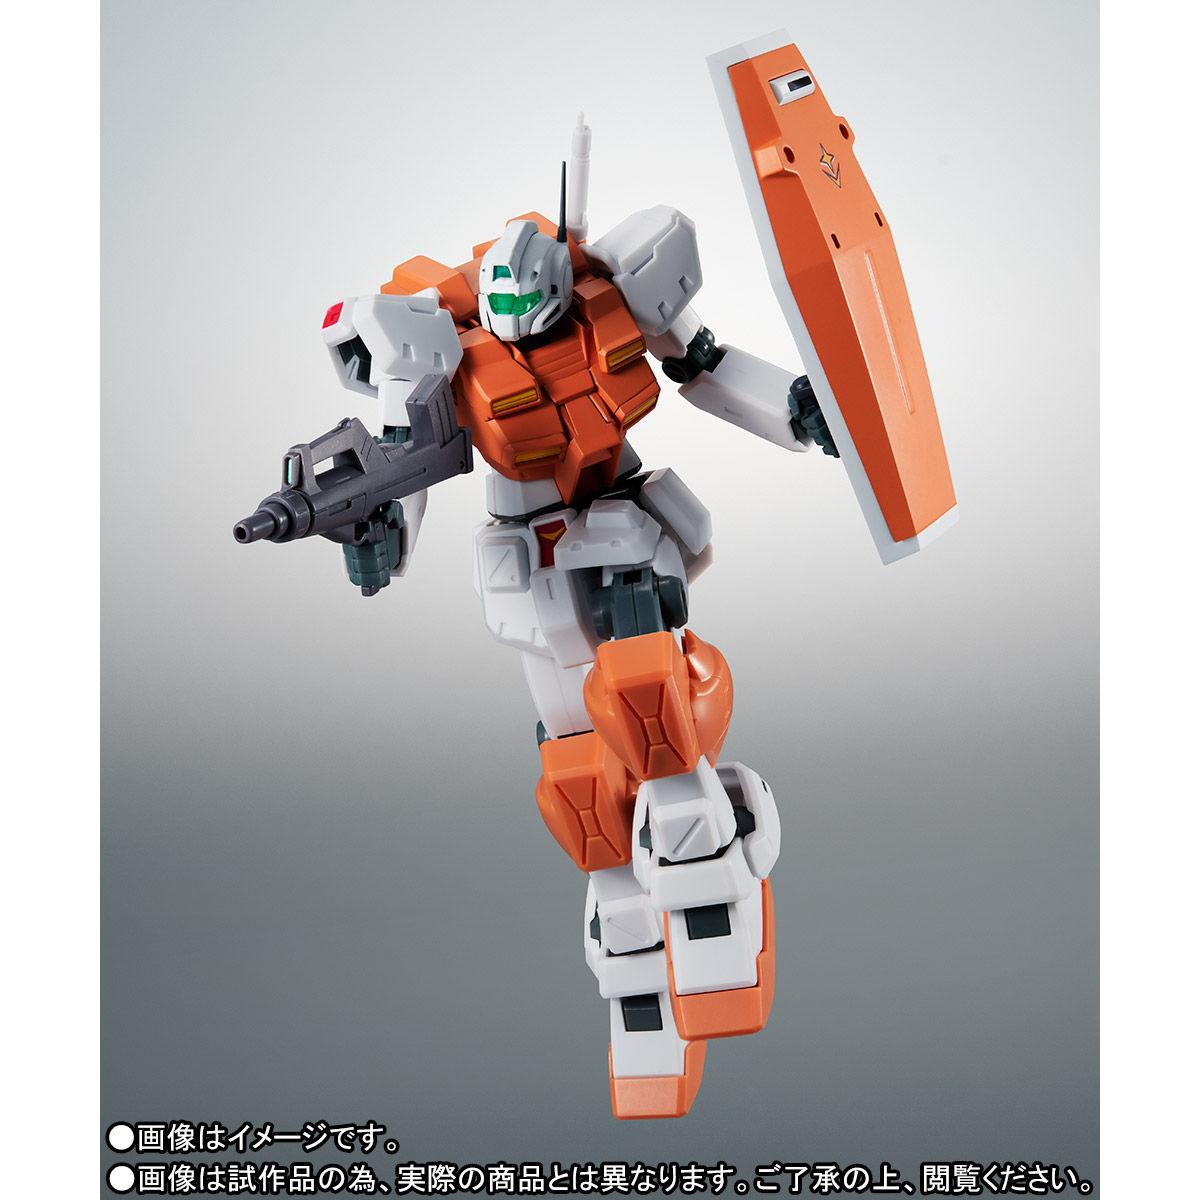 【限定販売】ROBOT魂〈SIDE MS〉『RGM-79 パワード・ジム ver. A.N.I.M.E.』ガンダム0083 可動フィギュア-004